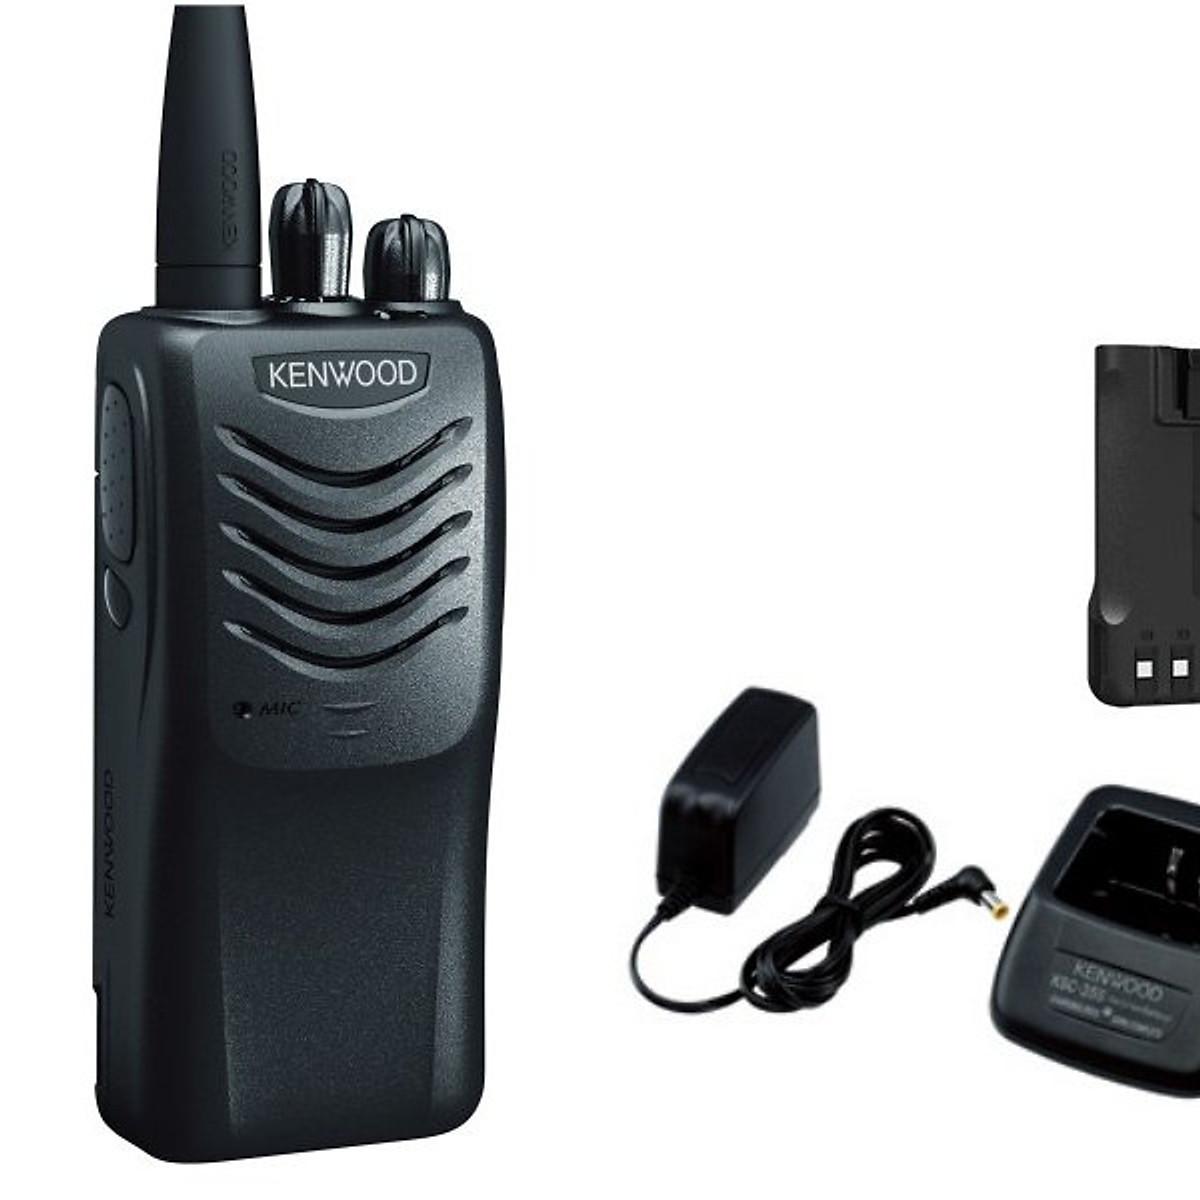 Bộ Đàm Kenwood TK-3000 UHF – Hàng Chính Hãng